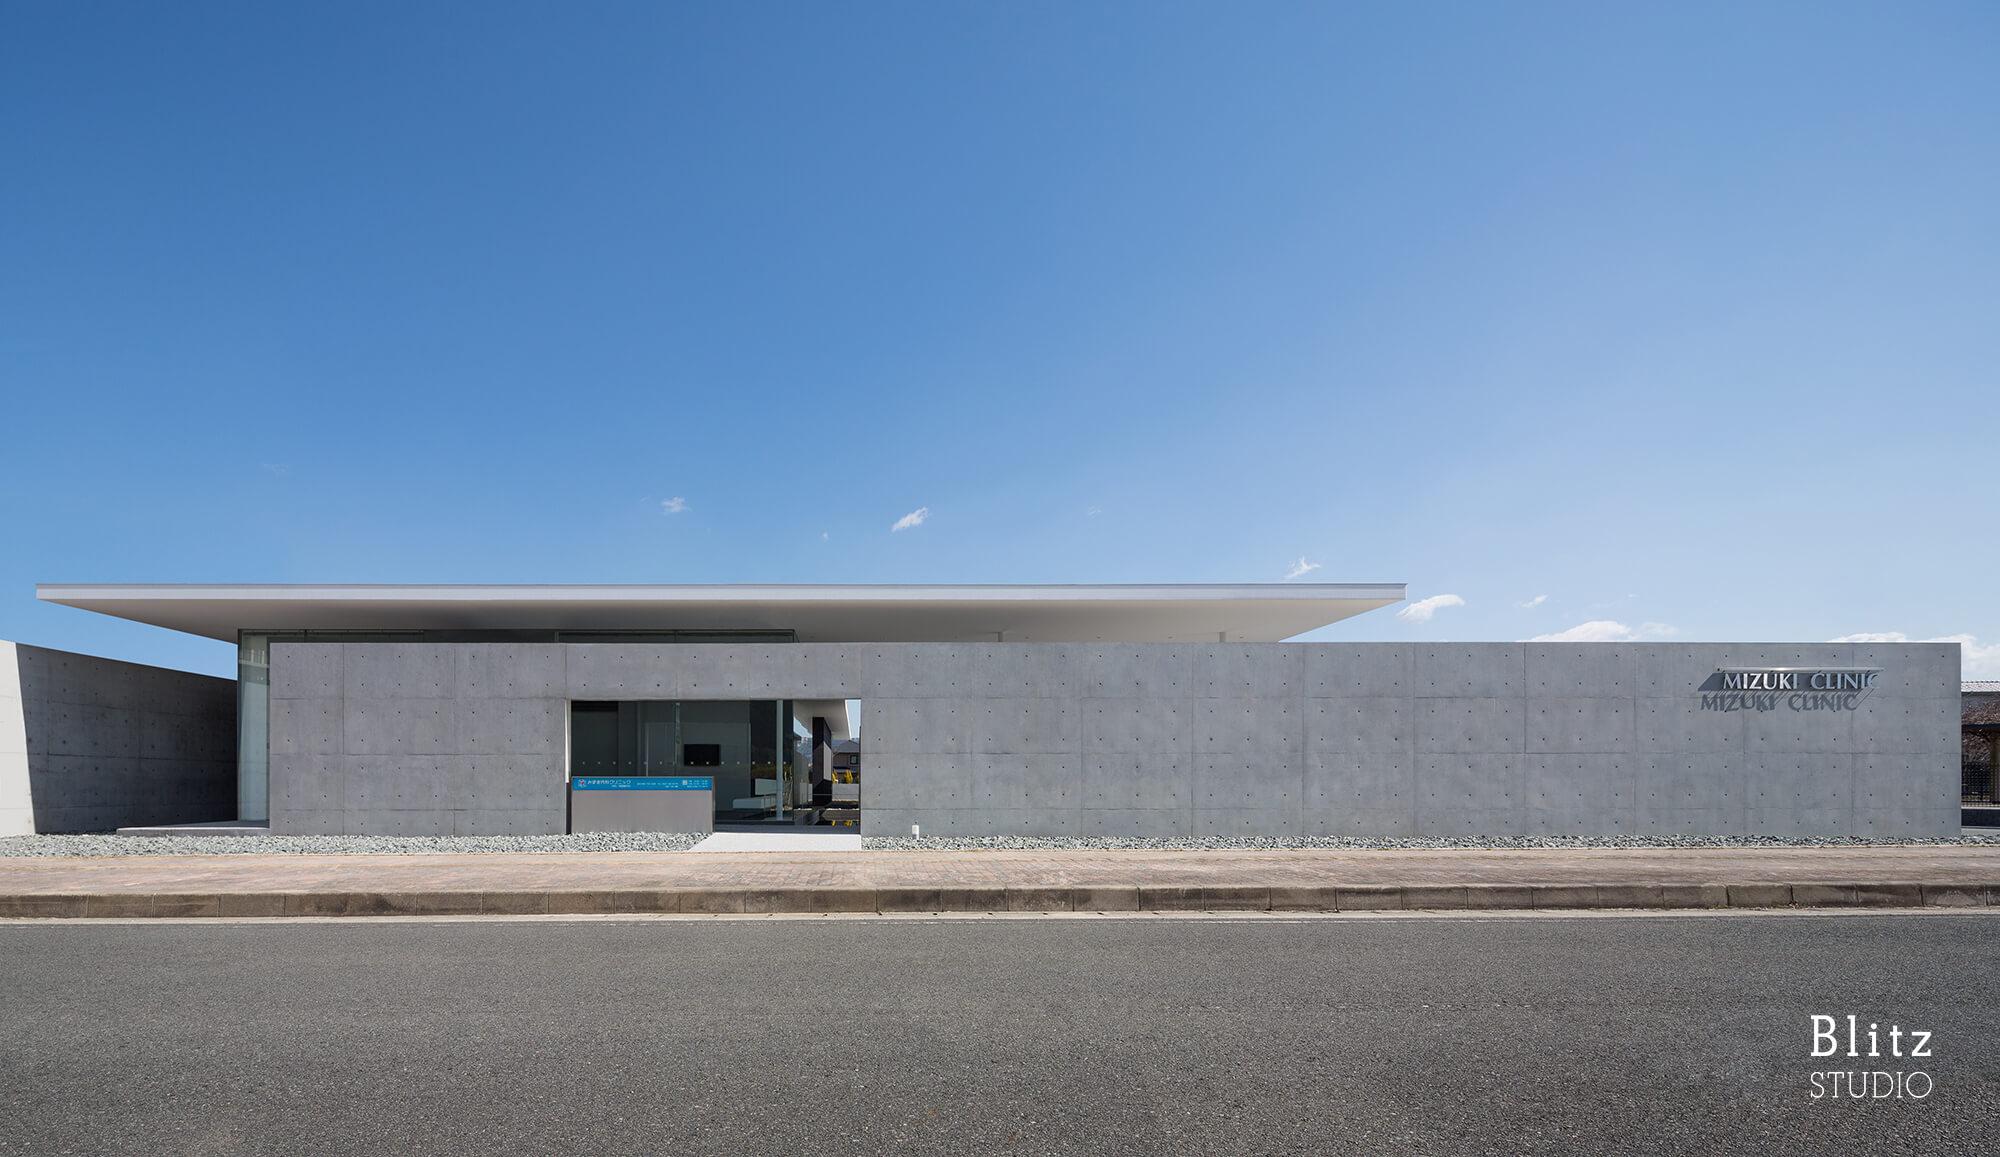 『みずき内科クリニック』-福岡県田川市-建築写真・竣工写真・インテリア写真1